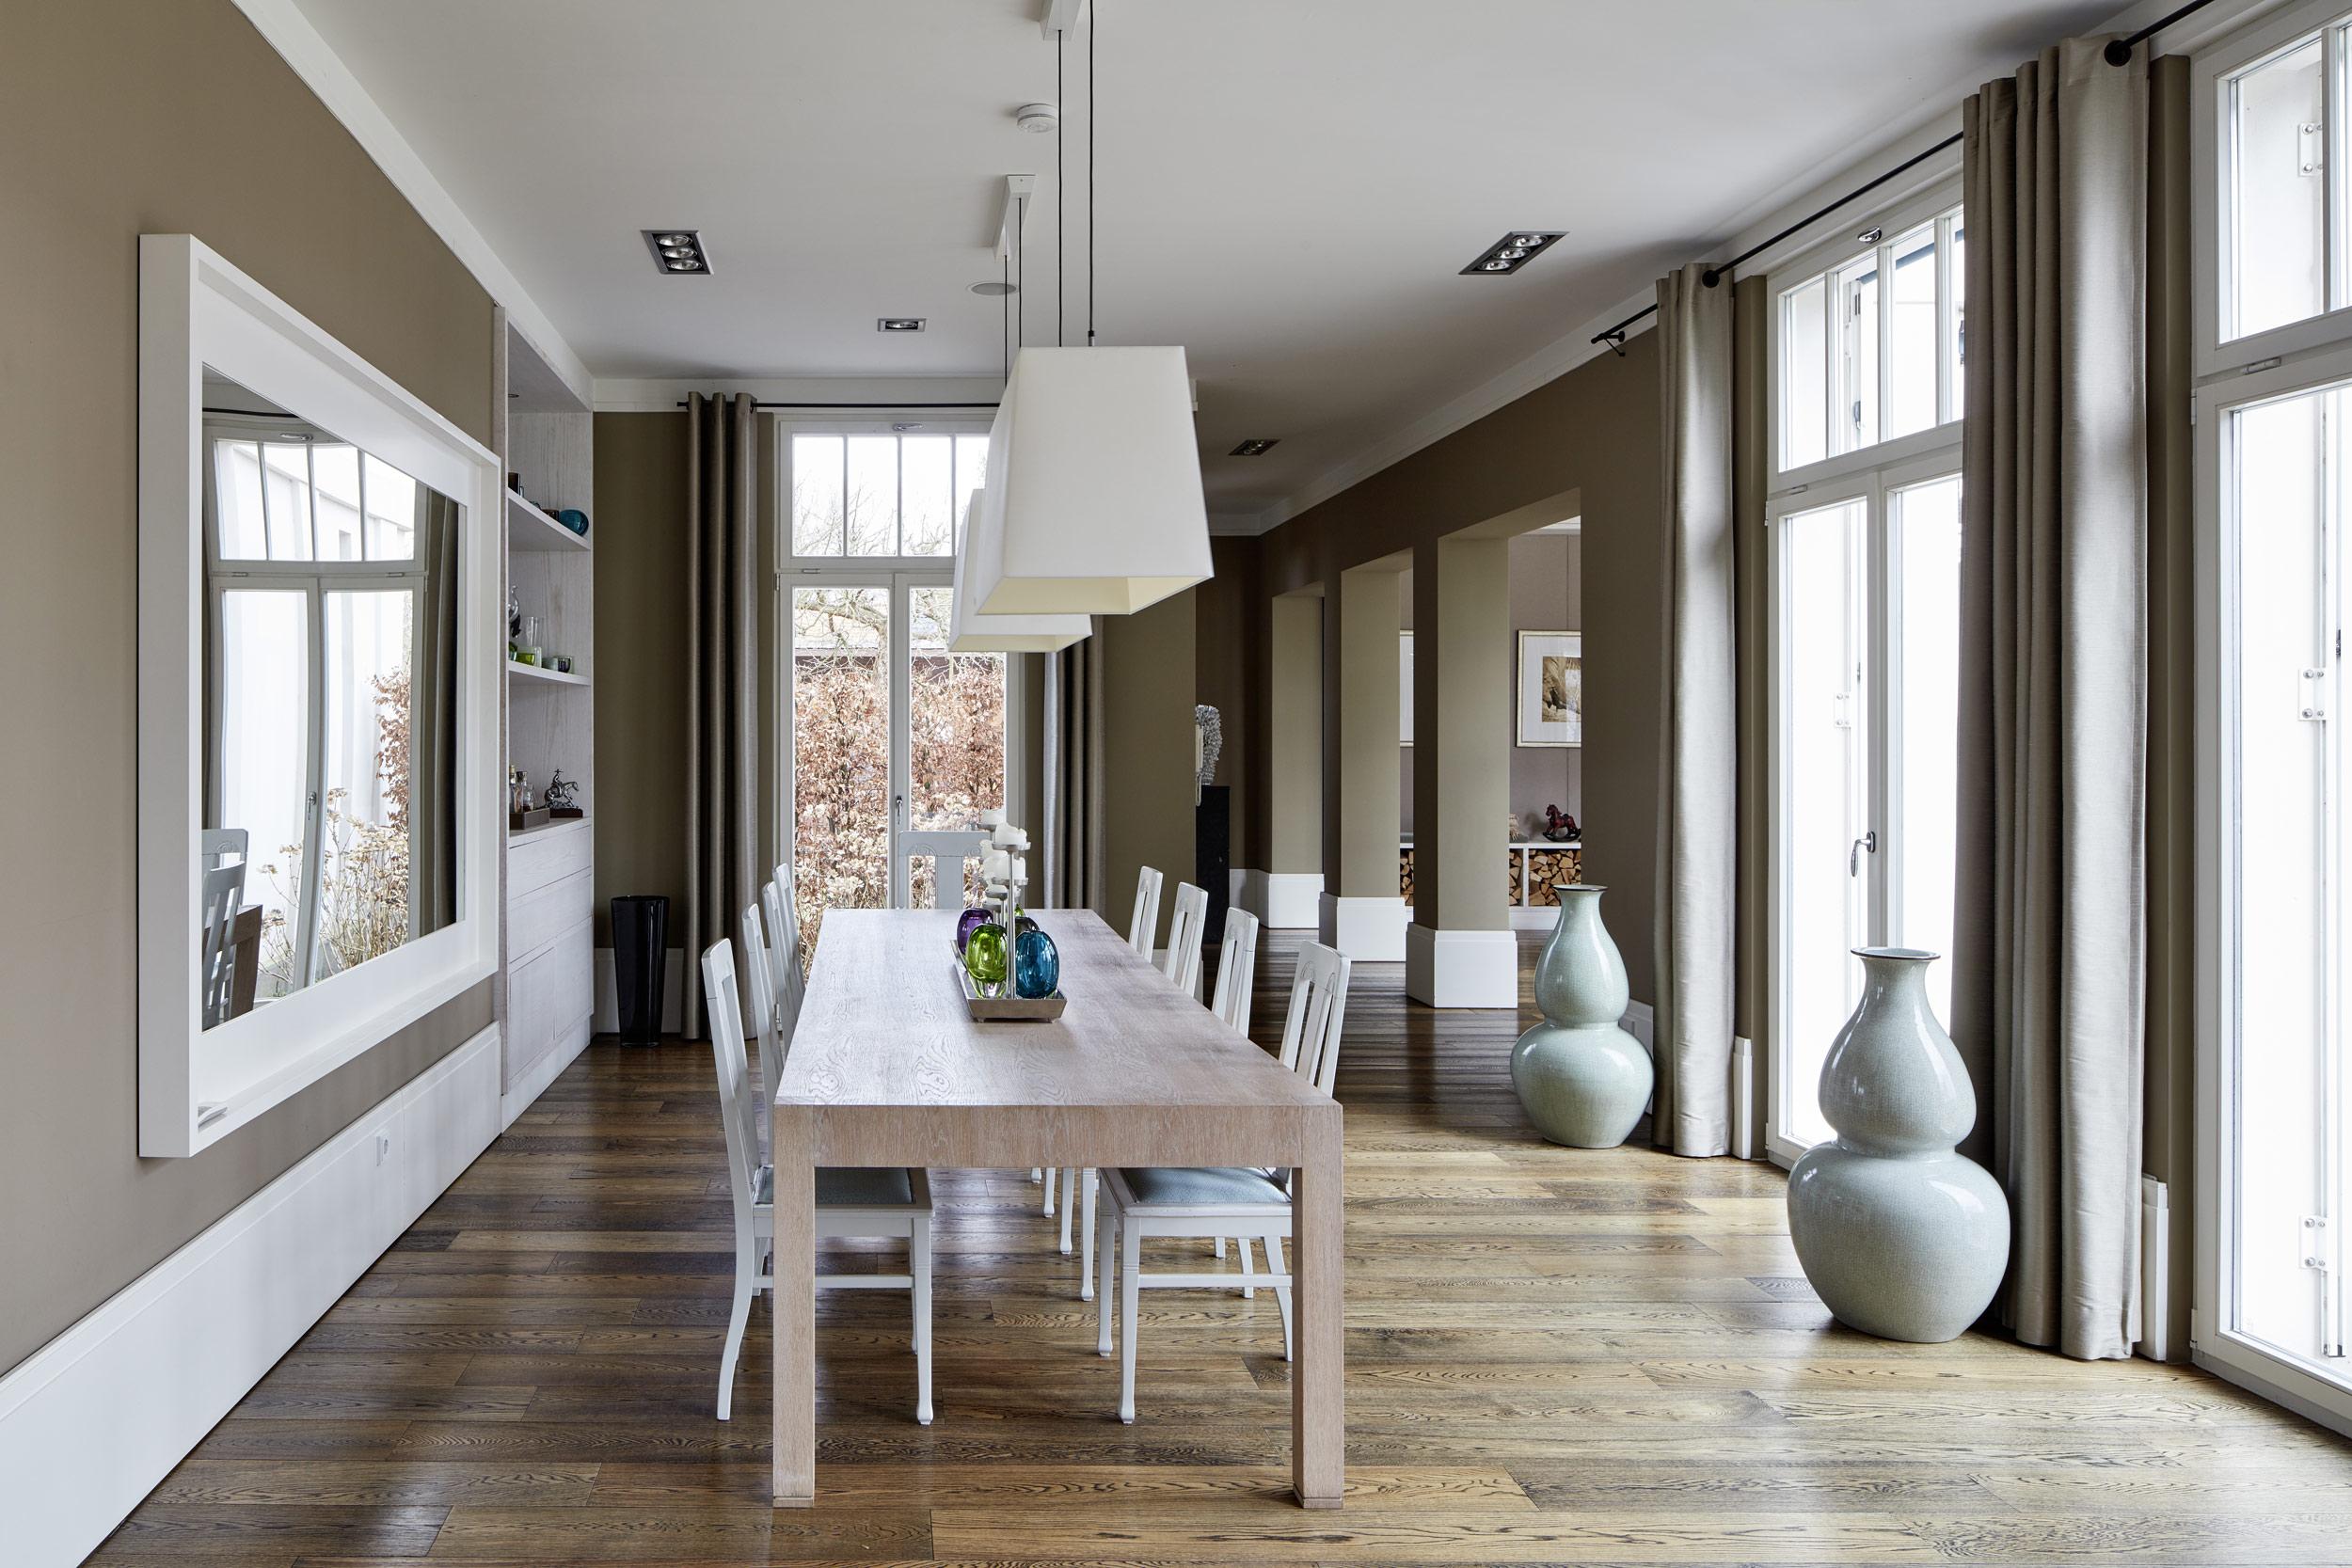 Neubau einer Villa in klassisch-traditioneller Architektursprache am See - Das Speisezimmer mit handgefertigten Möbeln und Einbauten